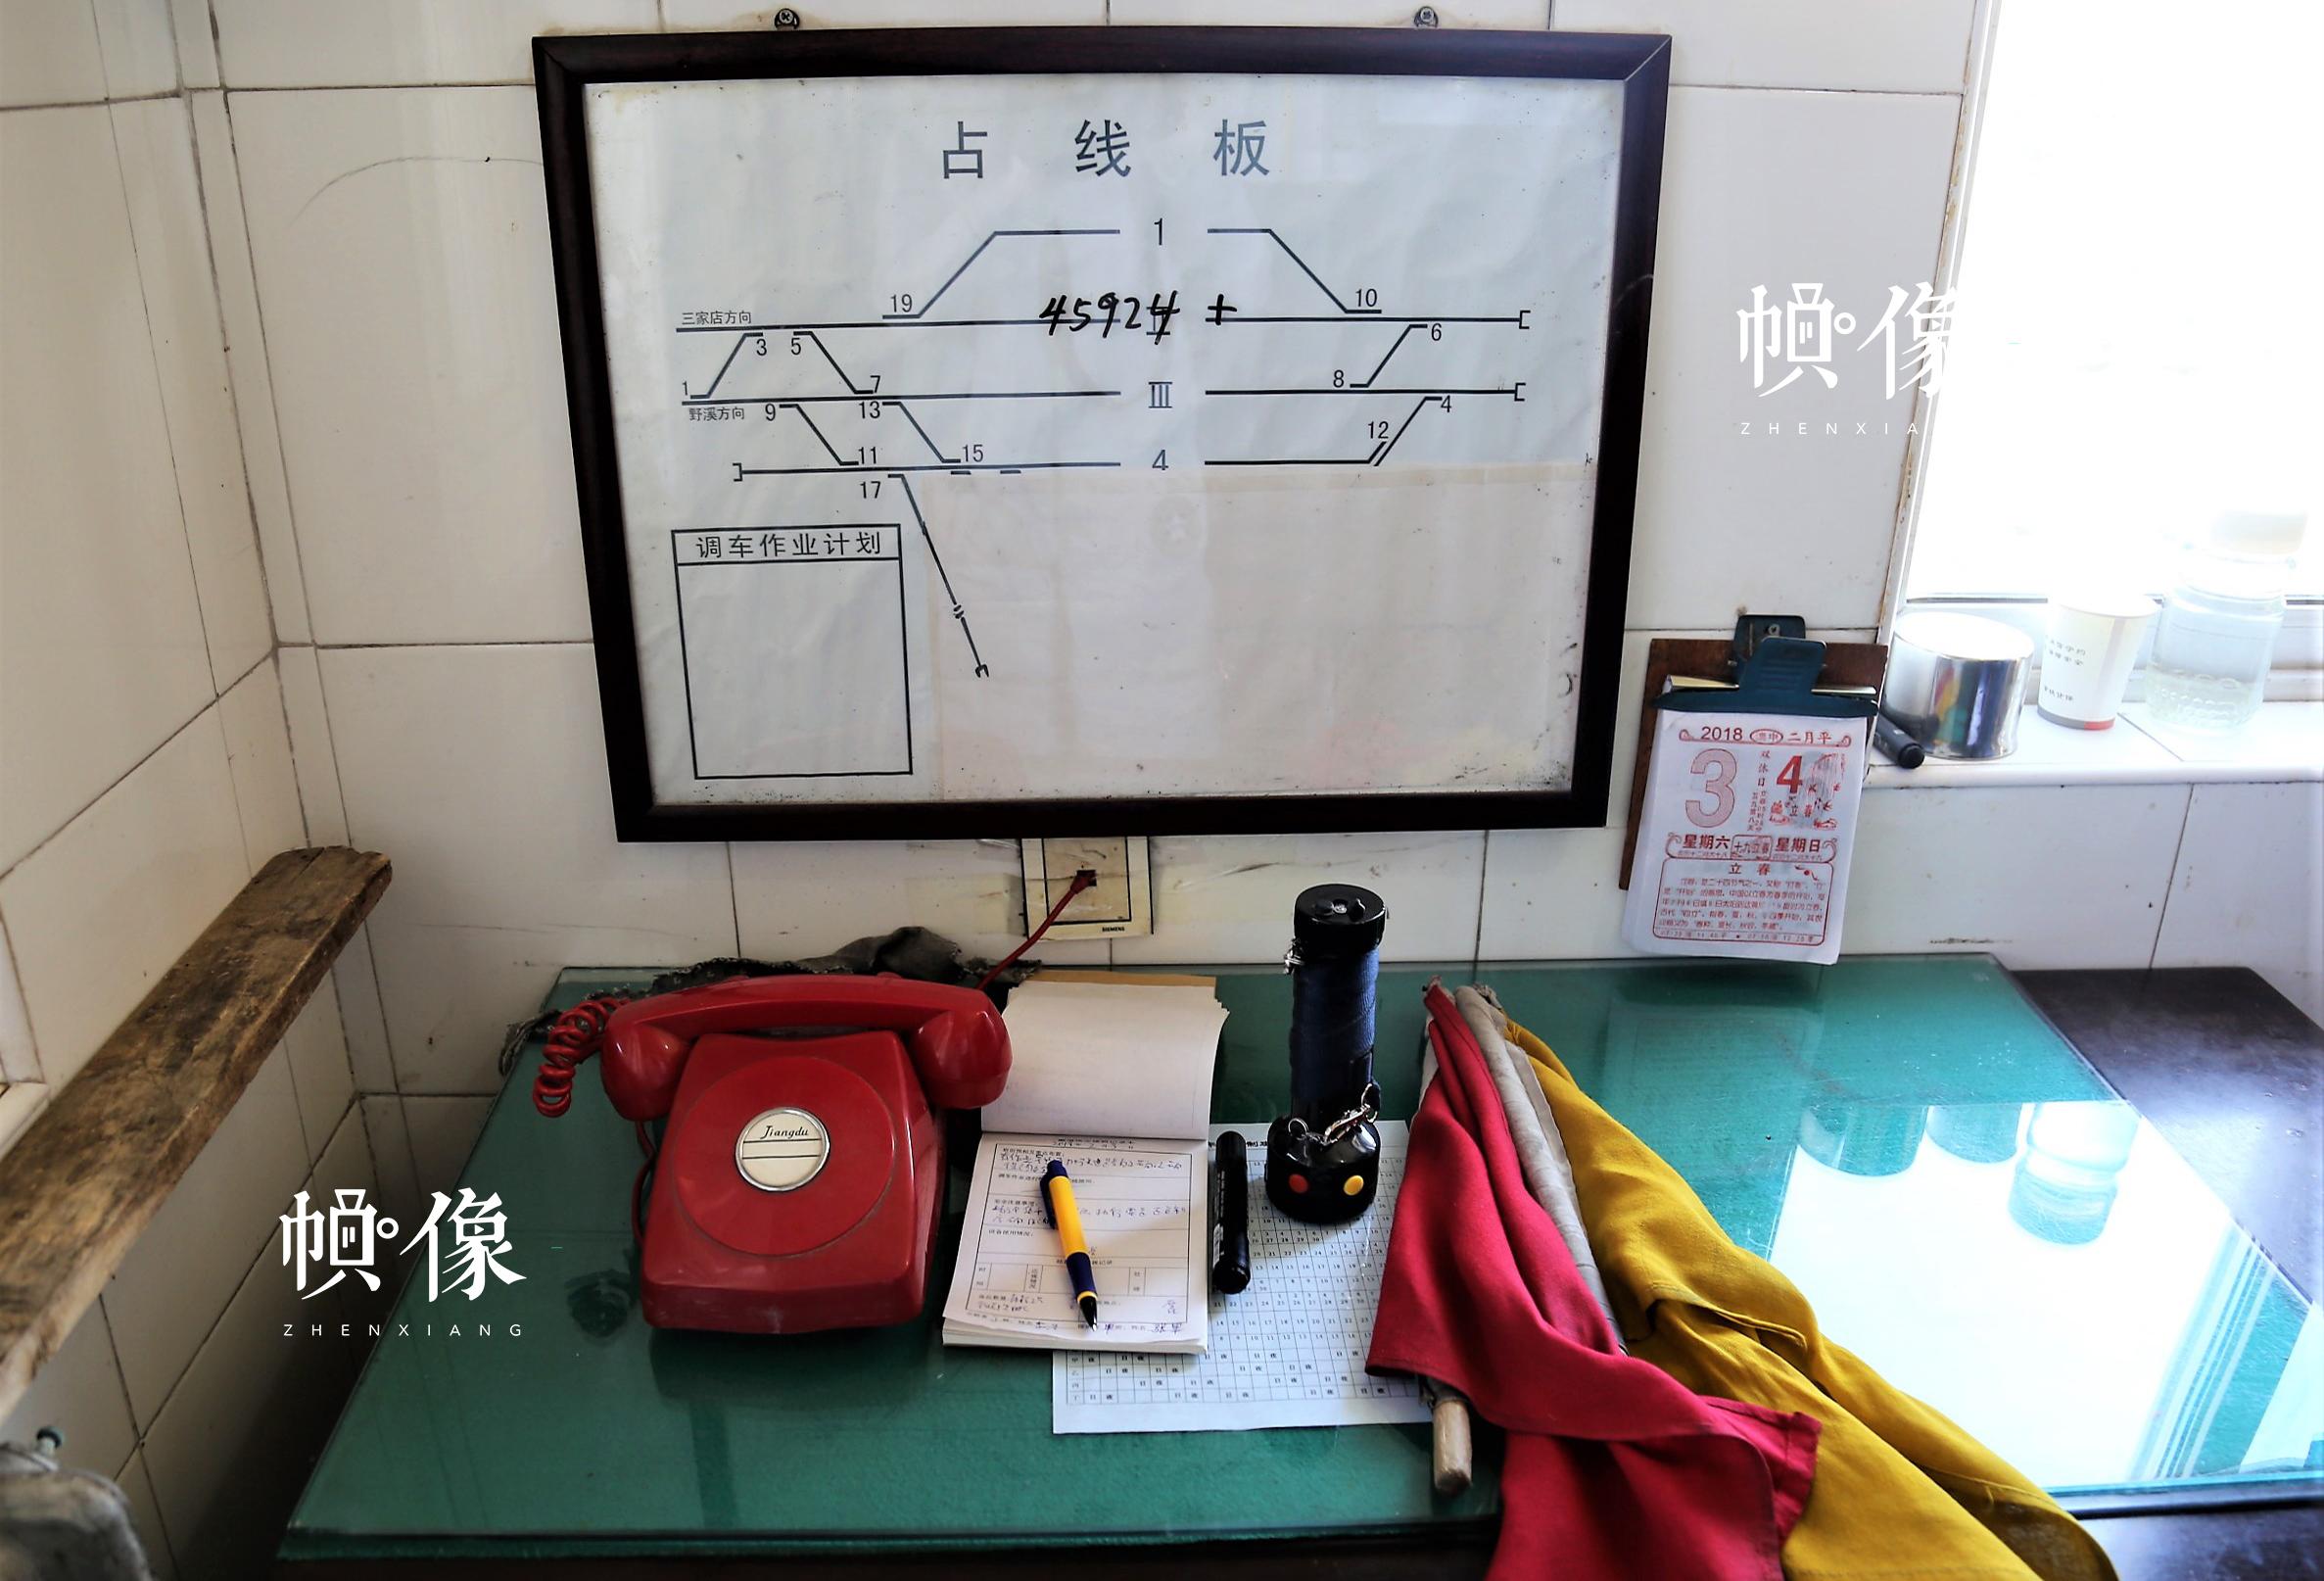 图为铁路扳道员办公桌物品陈列,分别为:指令接收电话、交接班簿、手信号灯、手信号旗。中国网记者 仝选 摄